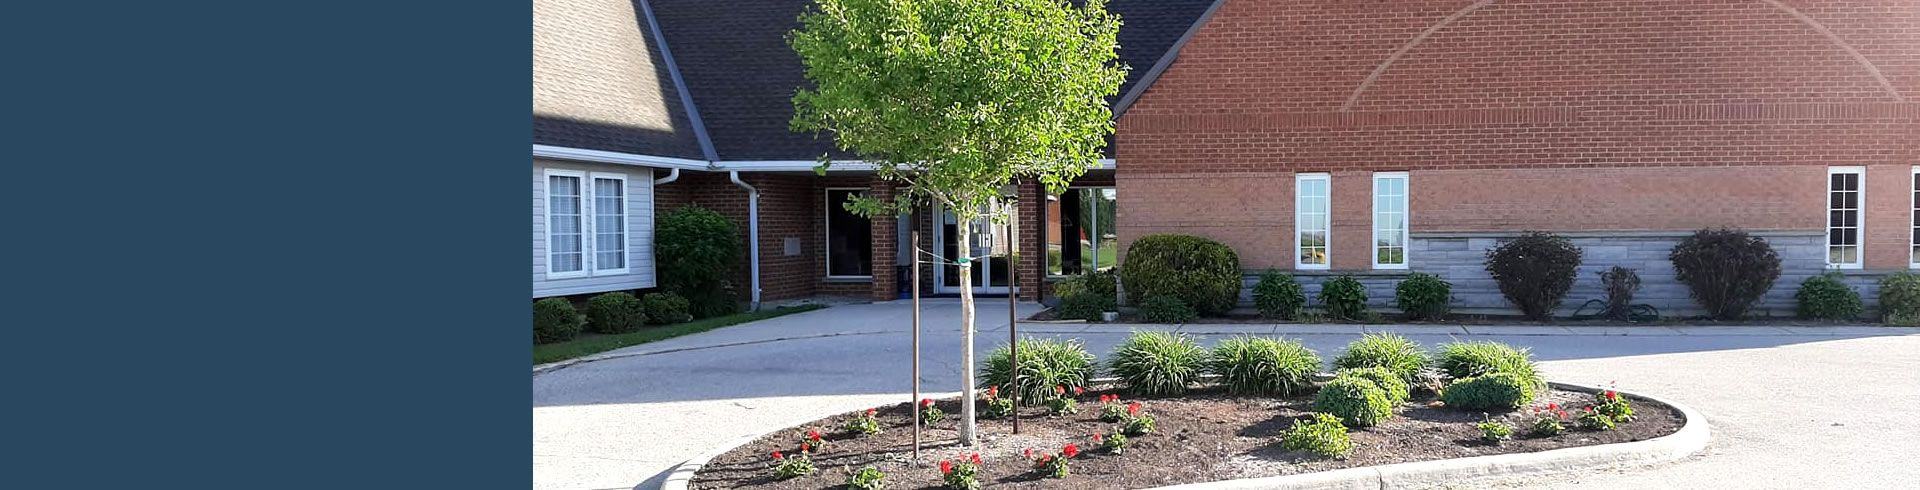 FAQs Church garden